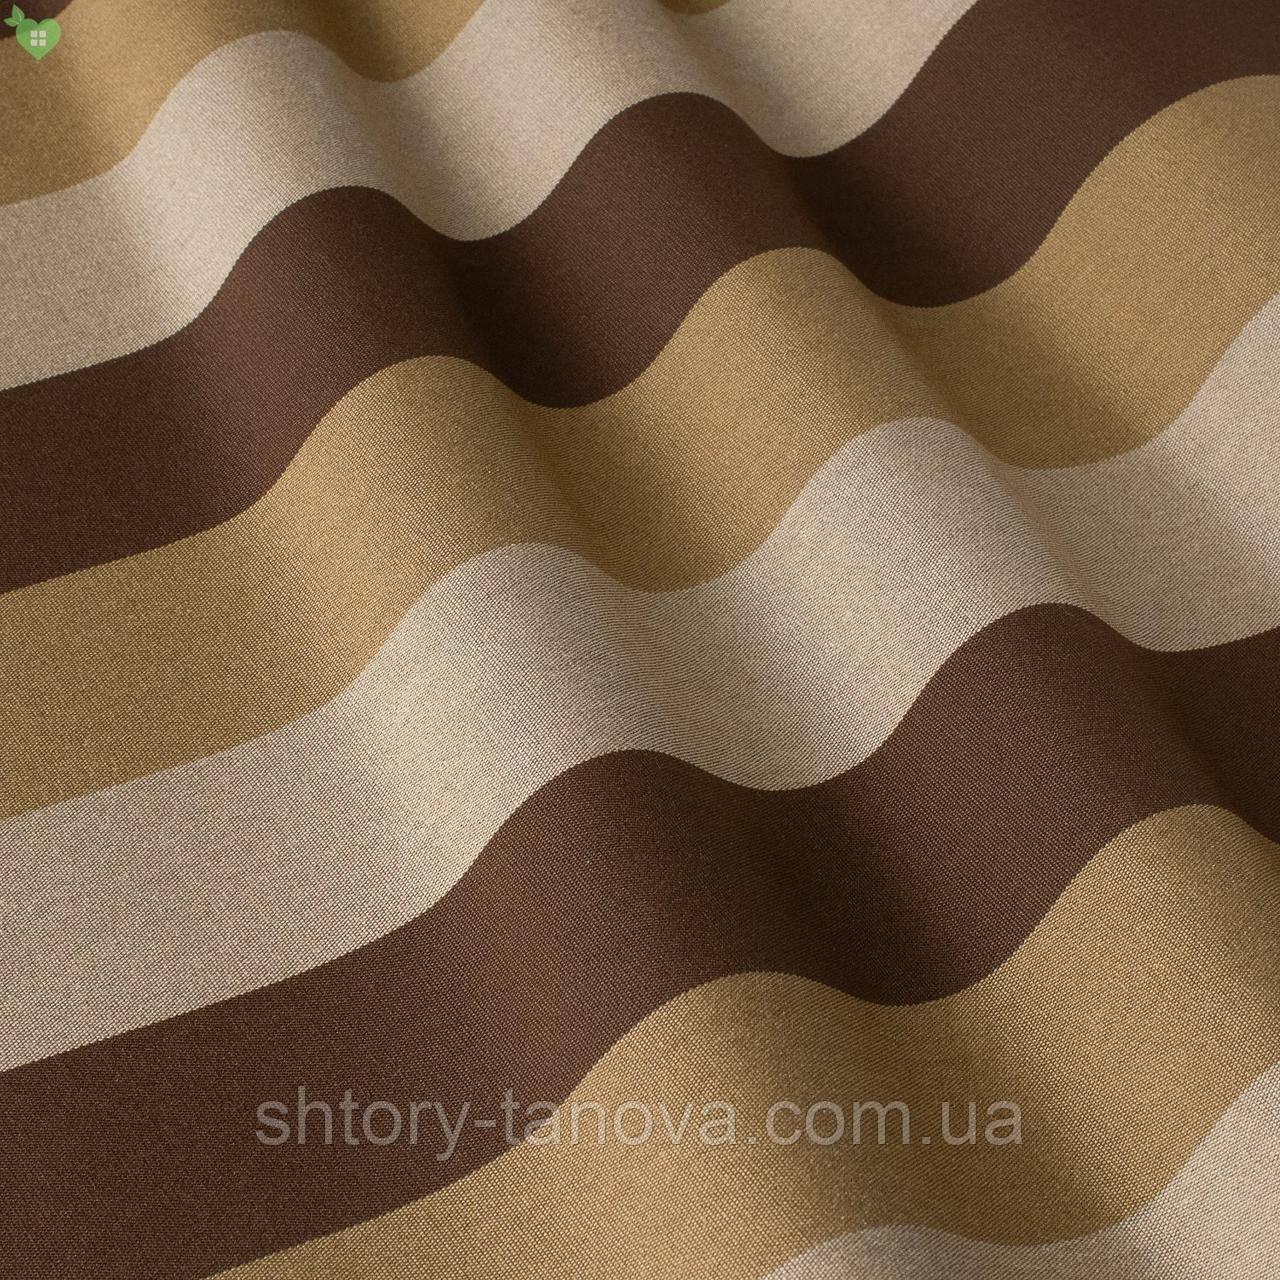 Уличная декоративная ткань для штор на дачную веранду полоса коричневого бежевого и серого цвета